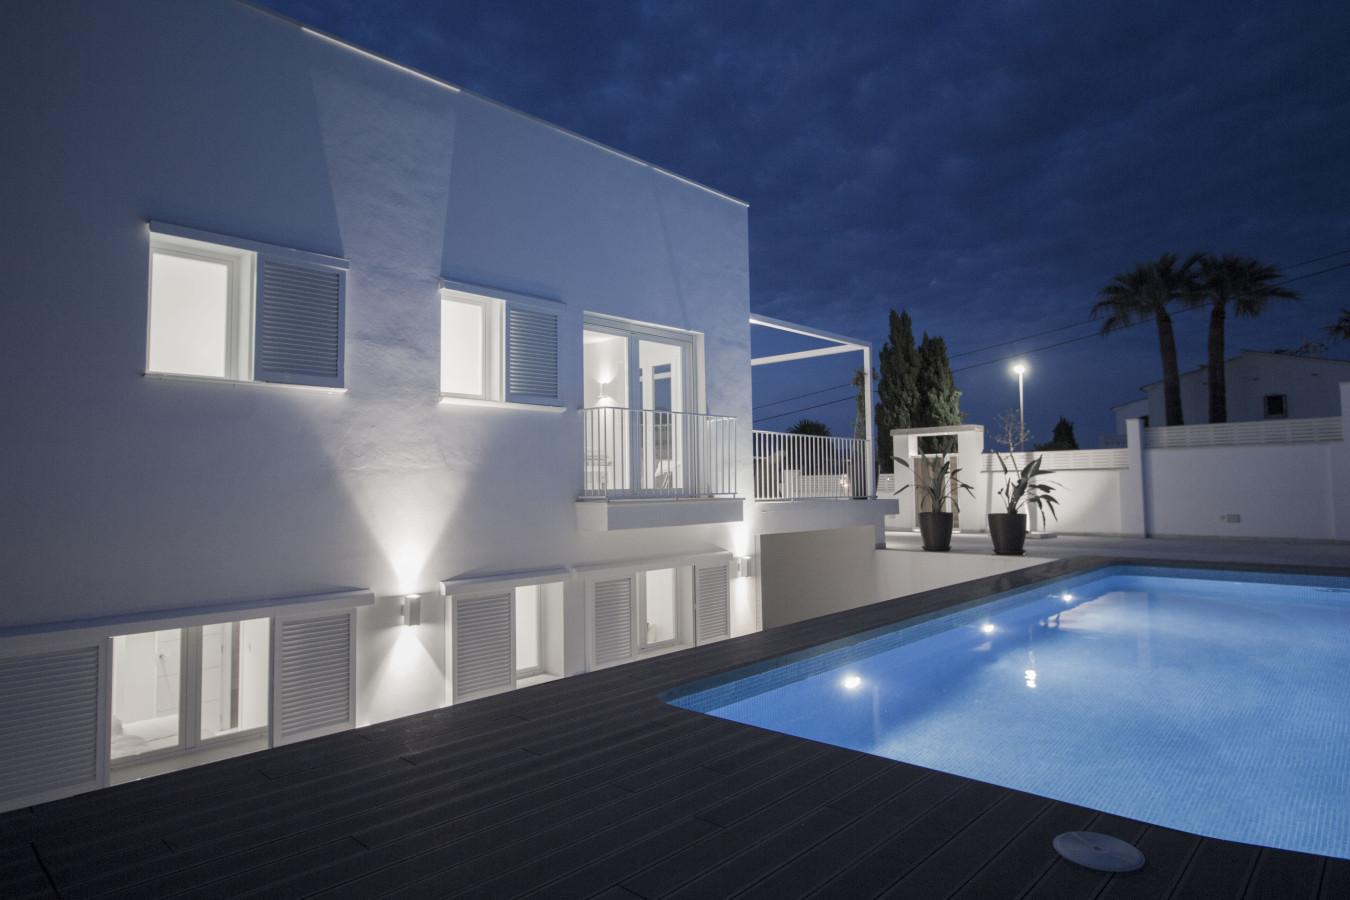 Vivienda Alfaz del Pi_María Jesús Mora_Arquitecto_Alicante 21